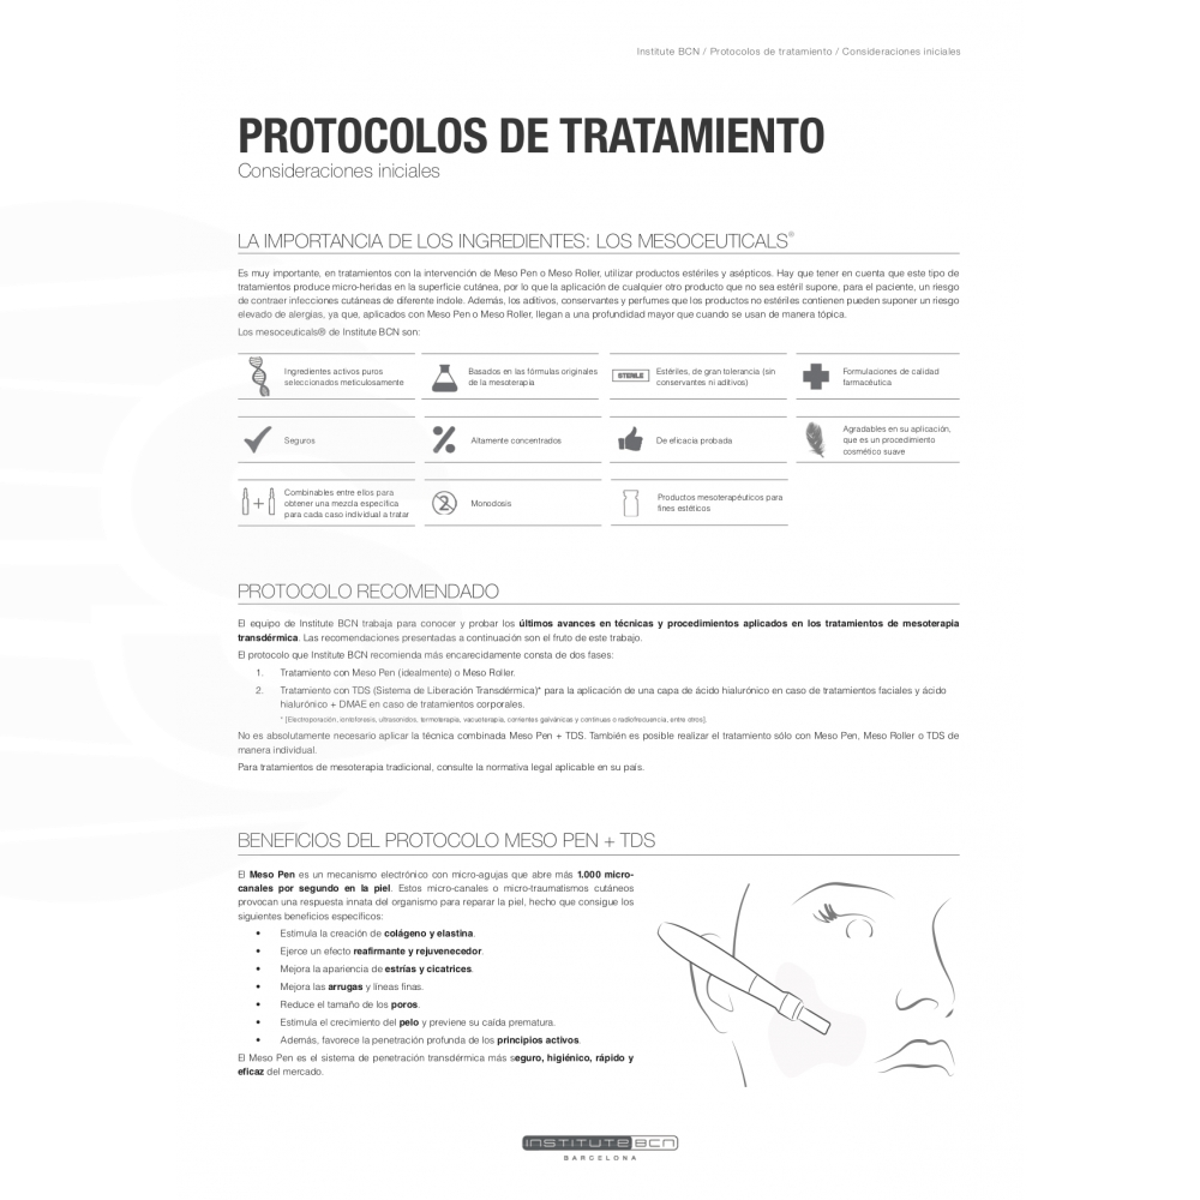 Silicio organico 0,5% - Soluzione Rigenerante - Principi attivi - Institute BCN